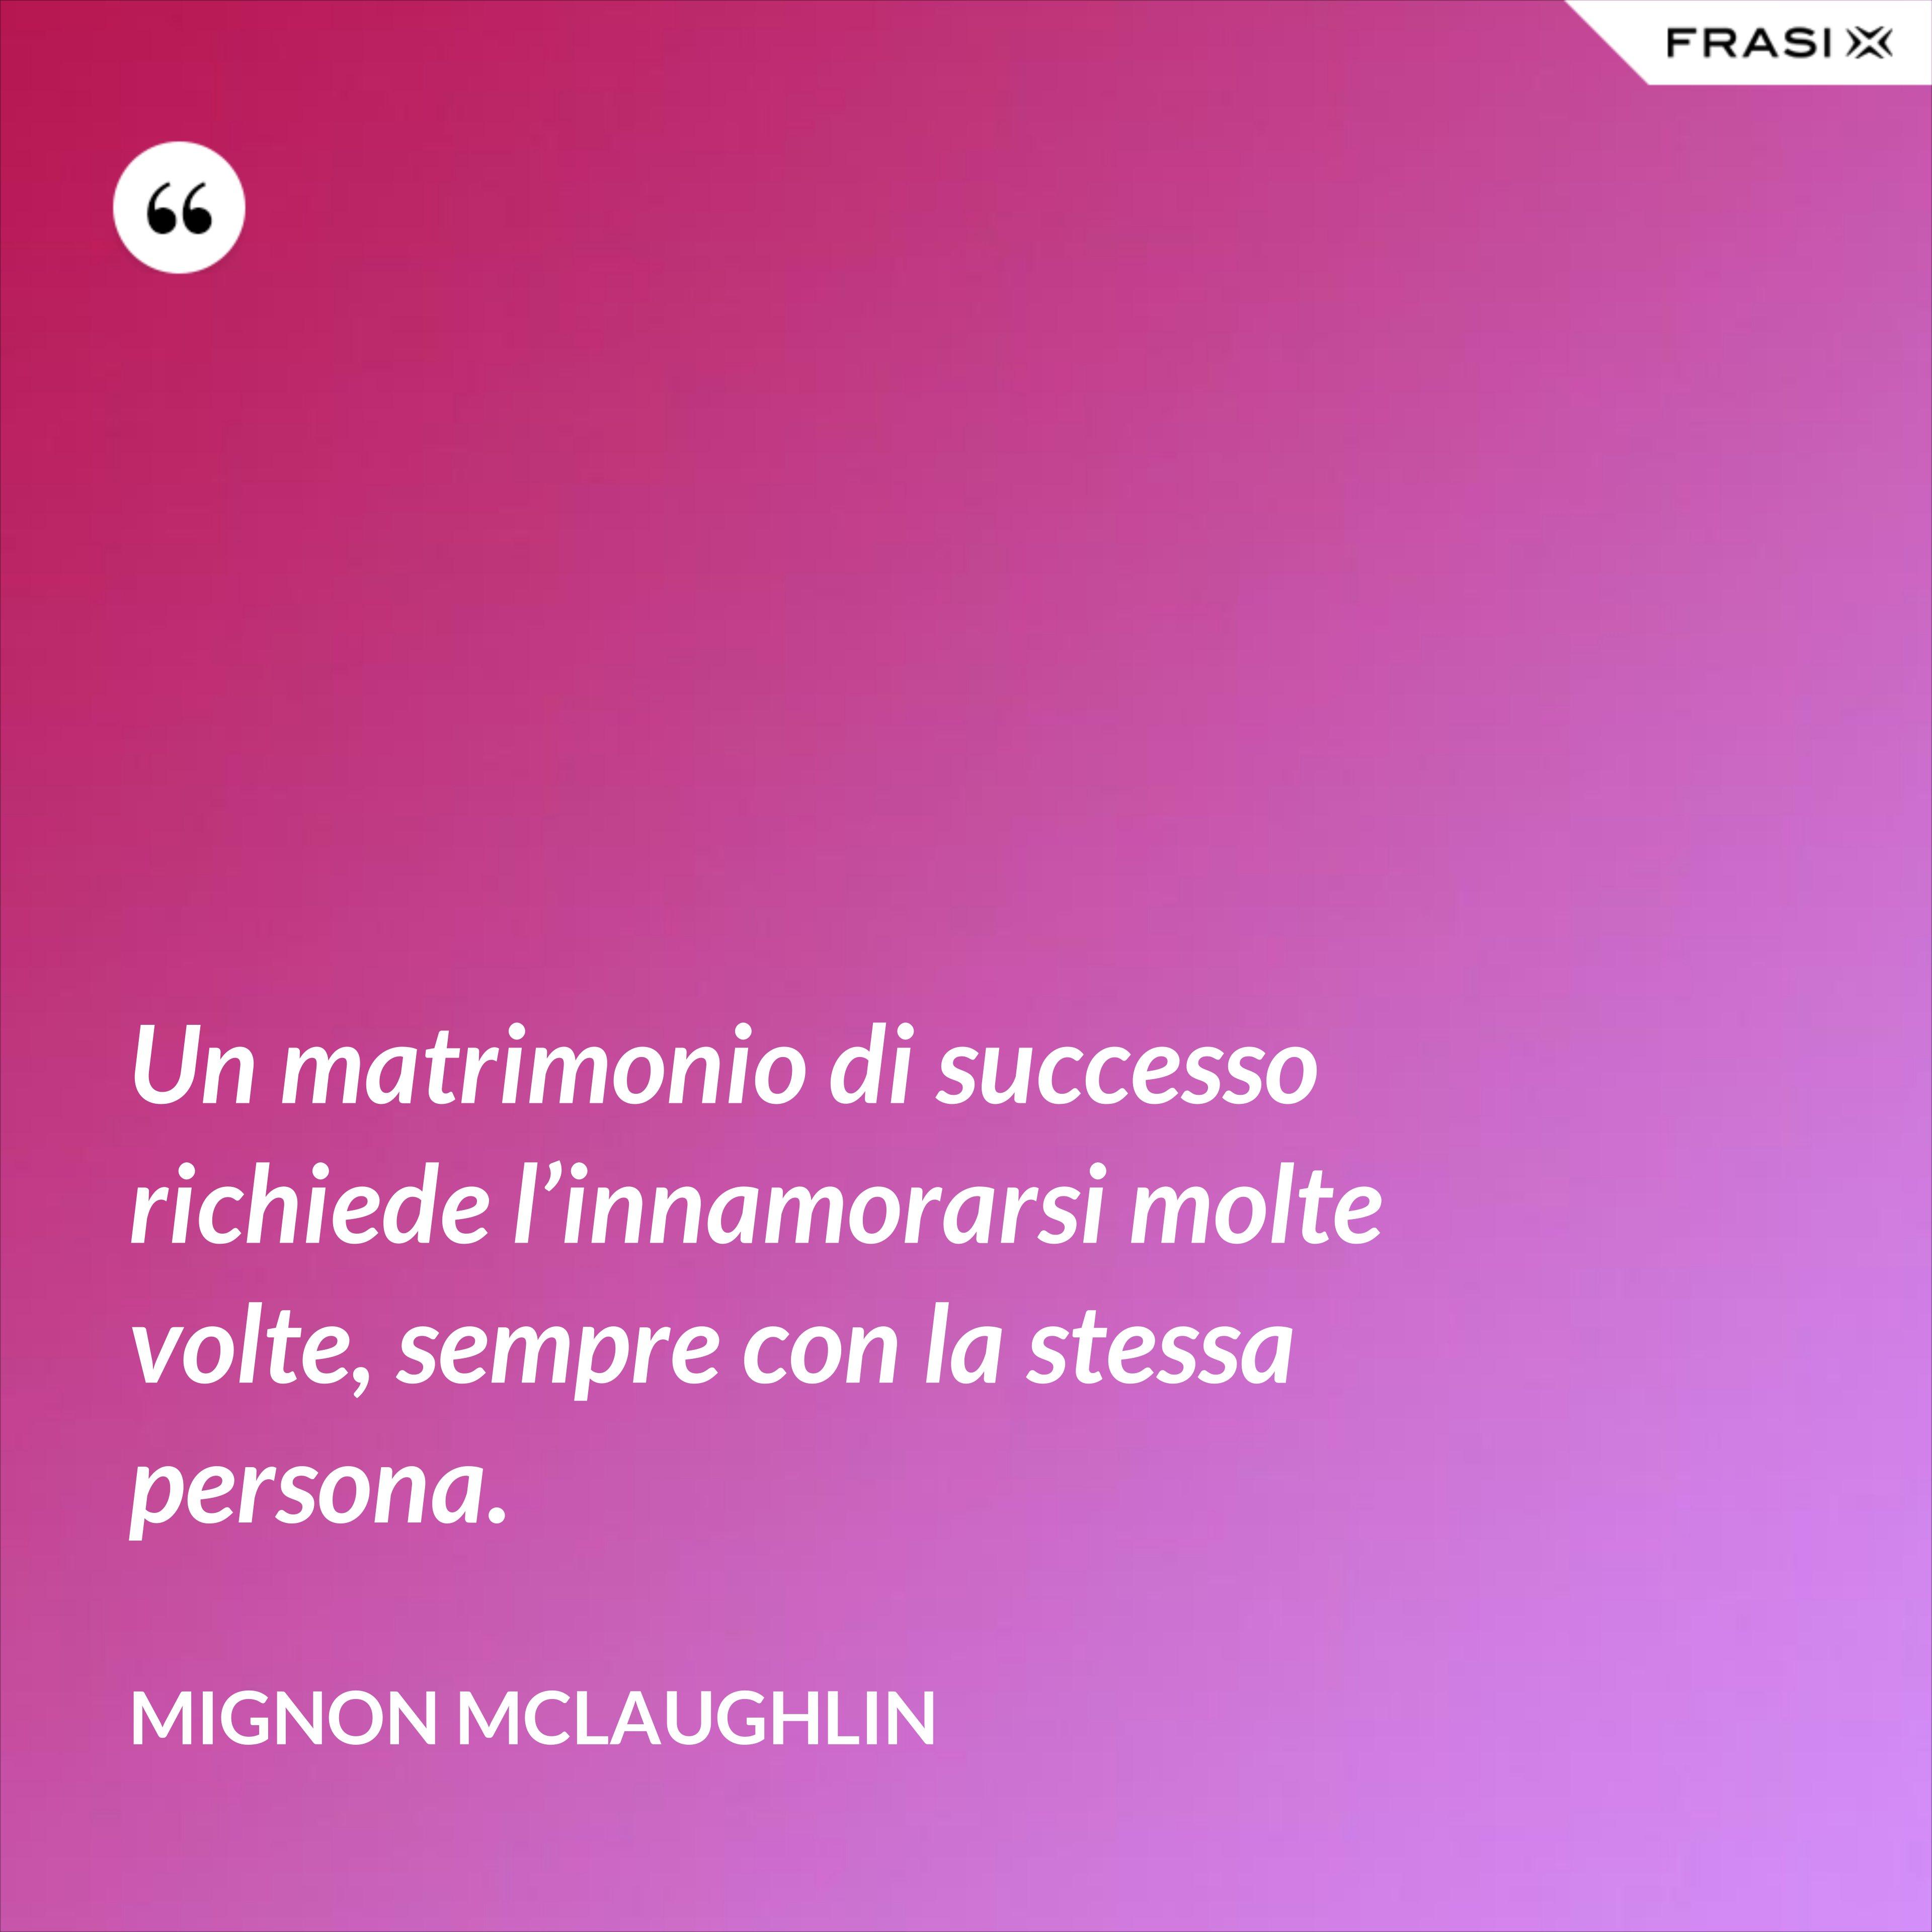 Un matrimonio di successo richiede l'innamorarsi molte volte, sempre con la stessa persona. - Mignon Mclaughlin